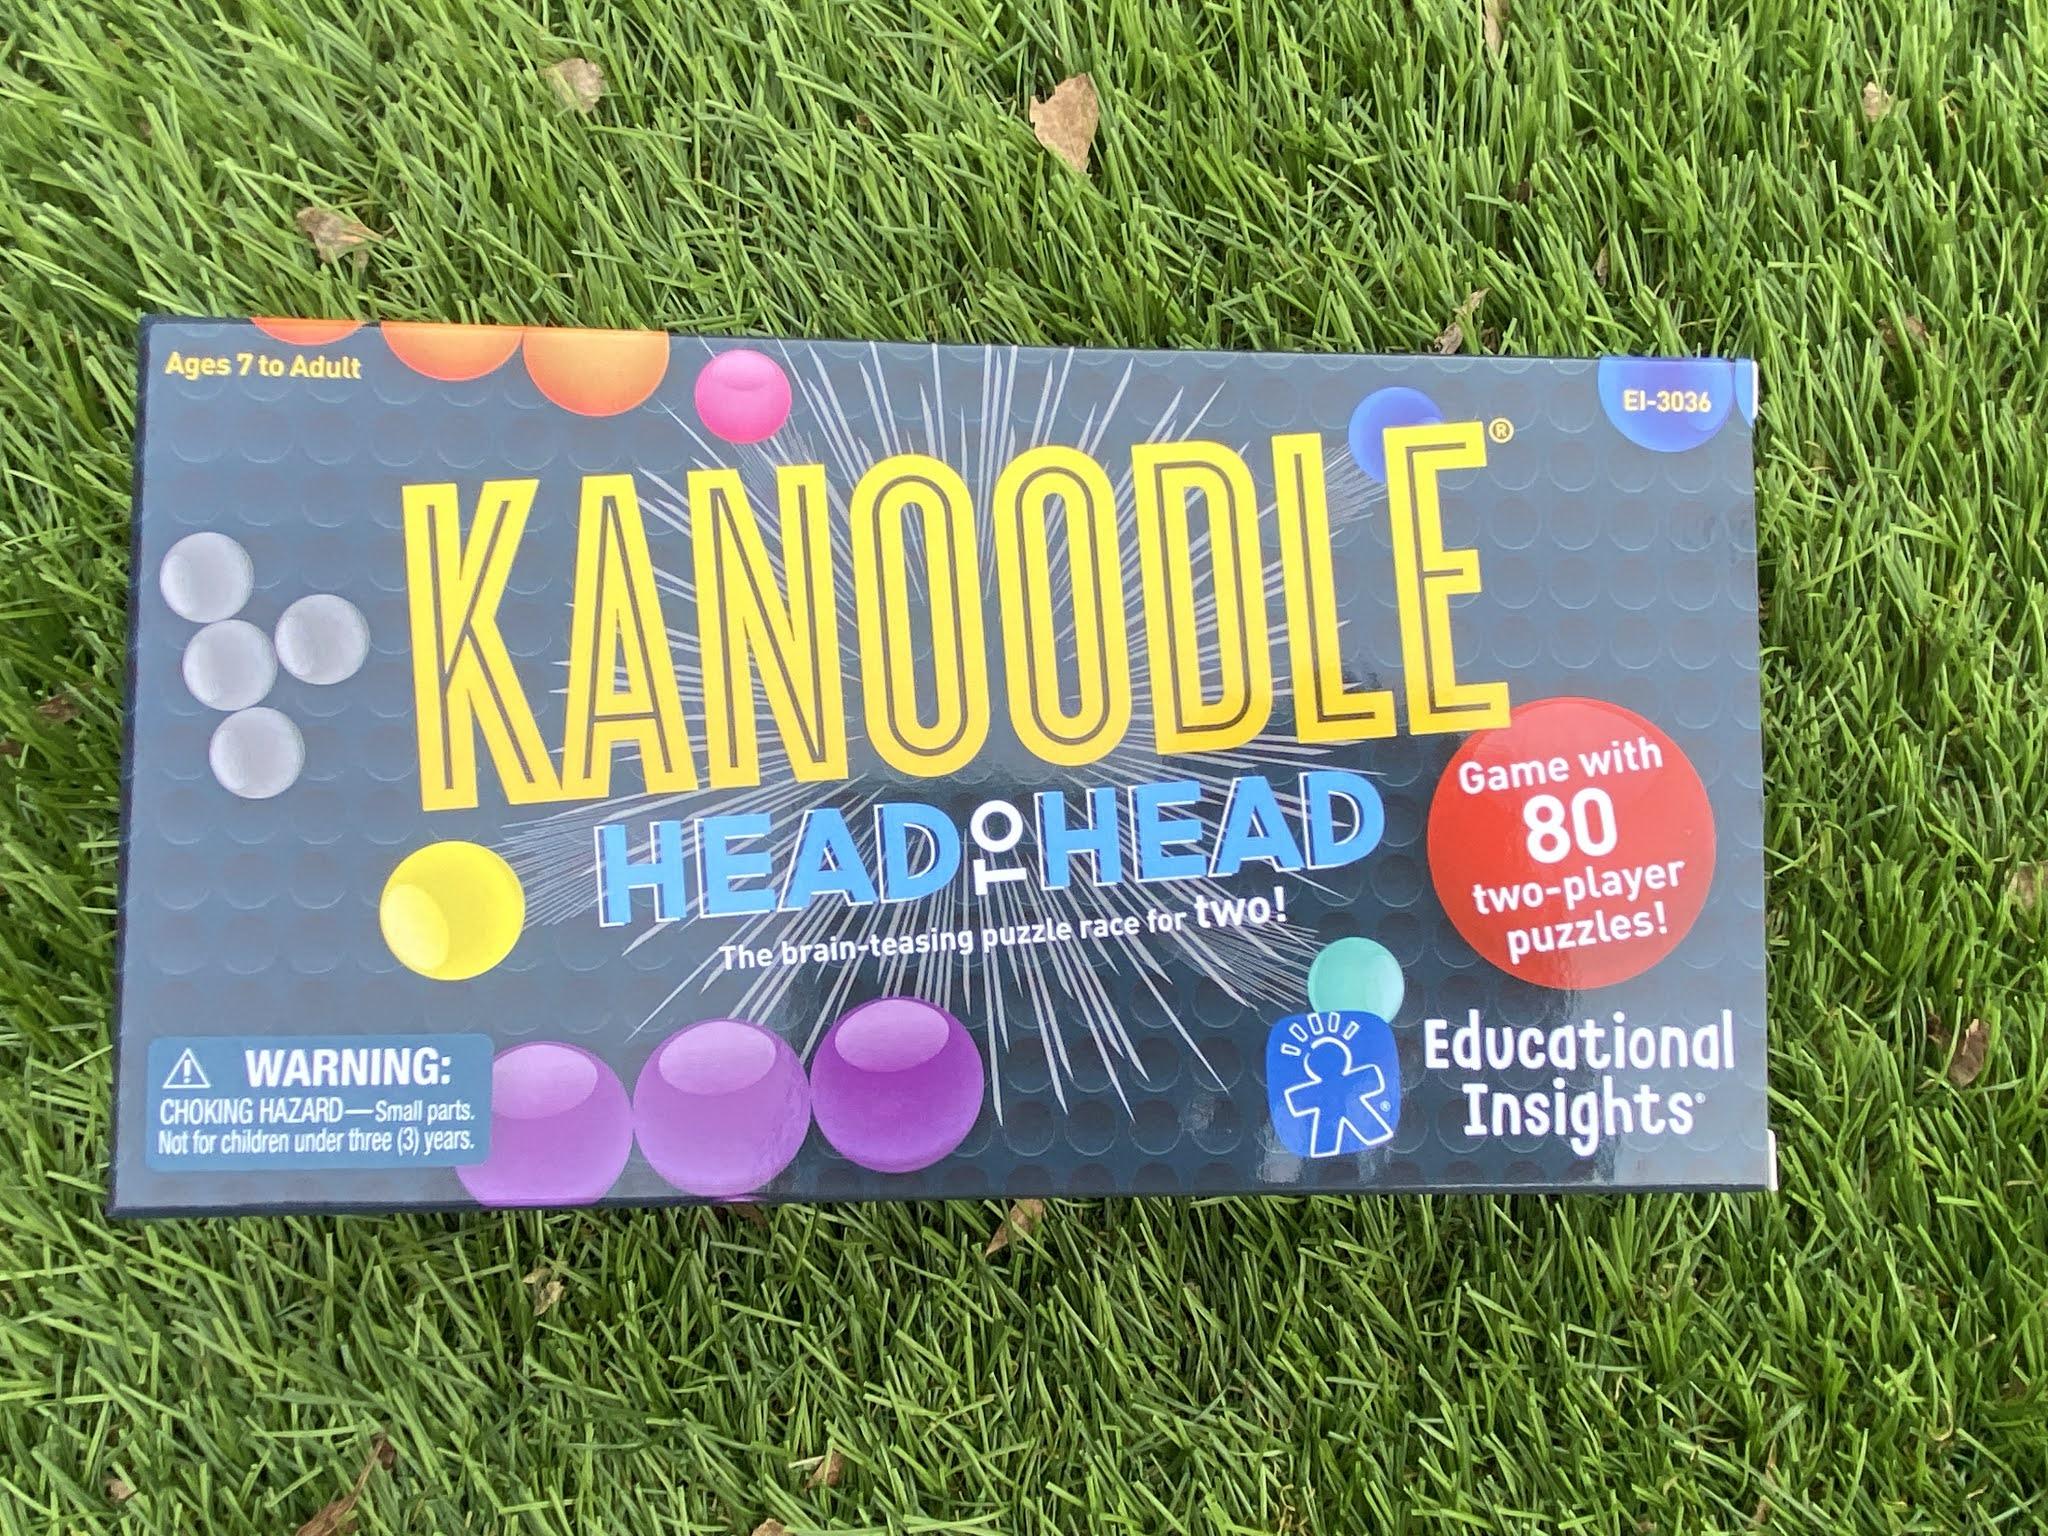 Kanoodle head to head